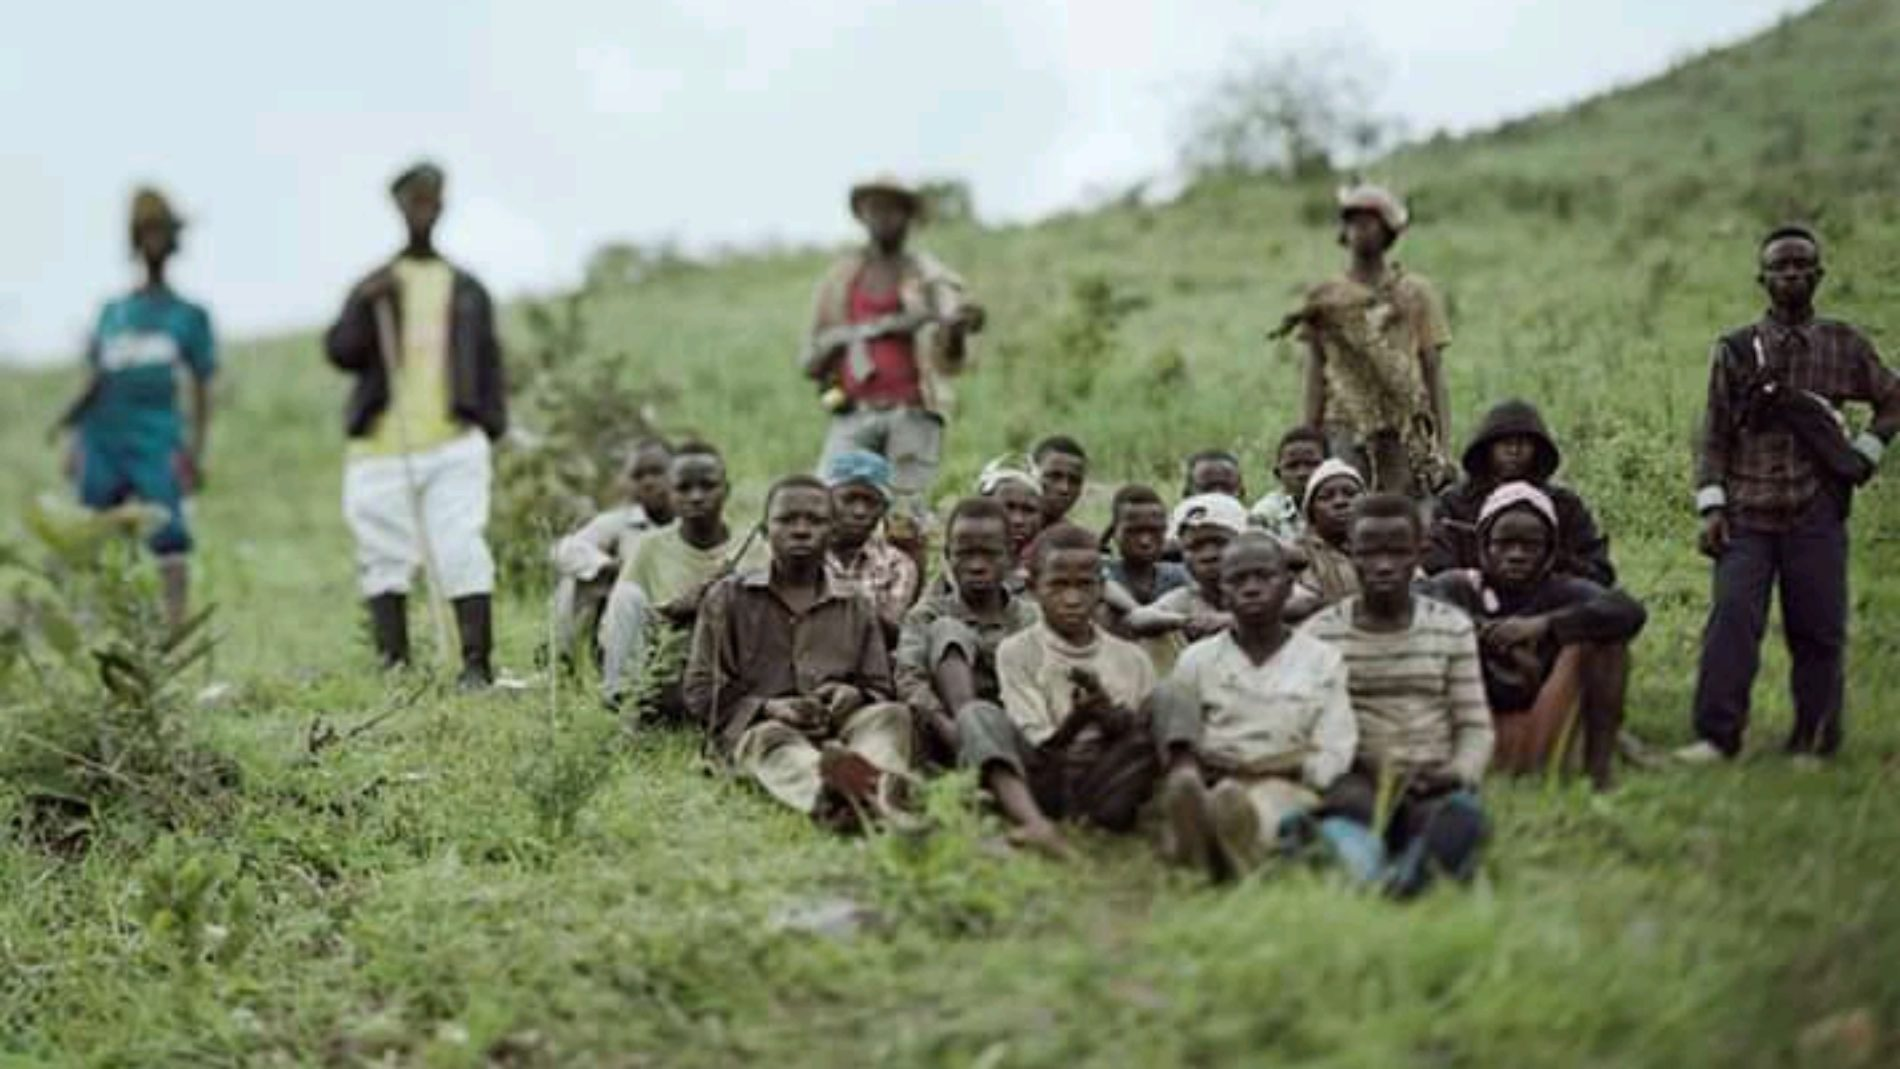 Ituri (RDC) : enrôlement des enfants dans des groupes armés à Irumu, une ONG locale lance l'alerte